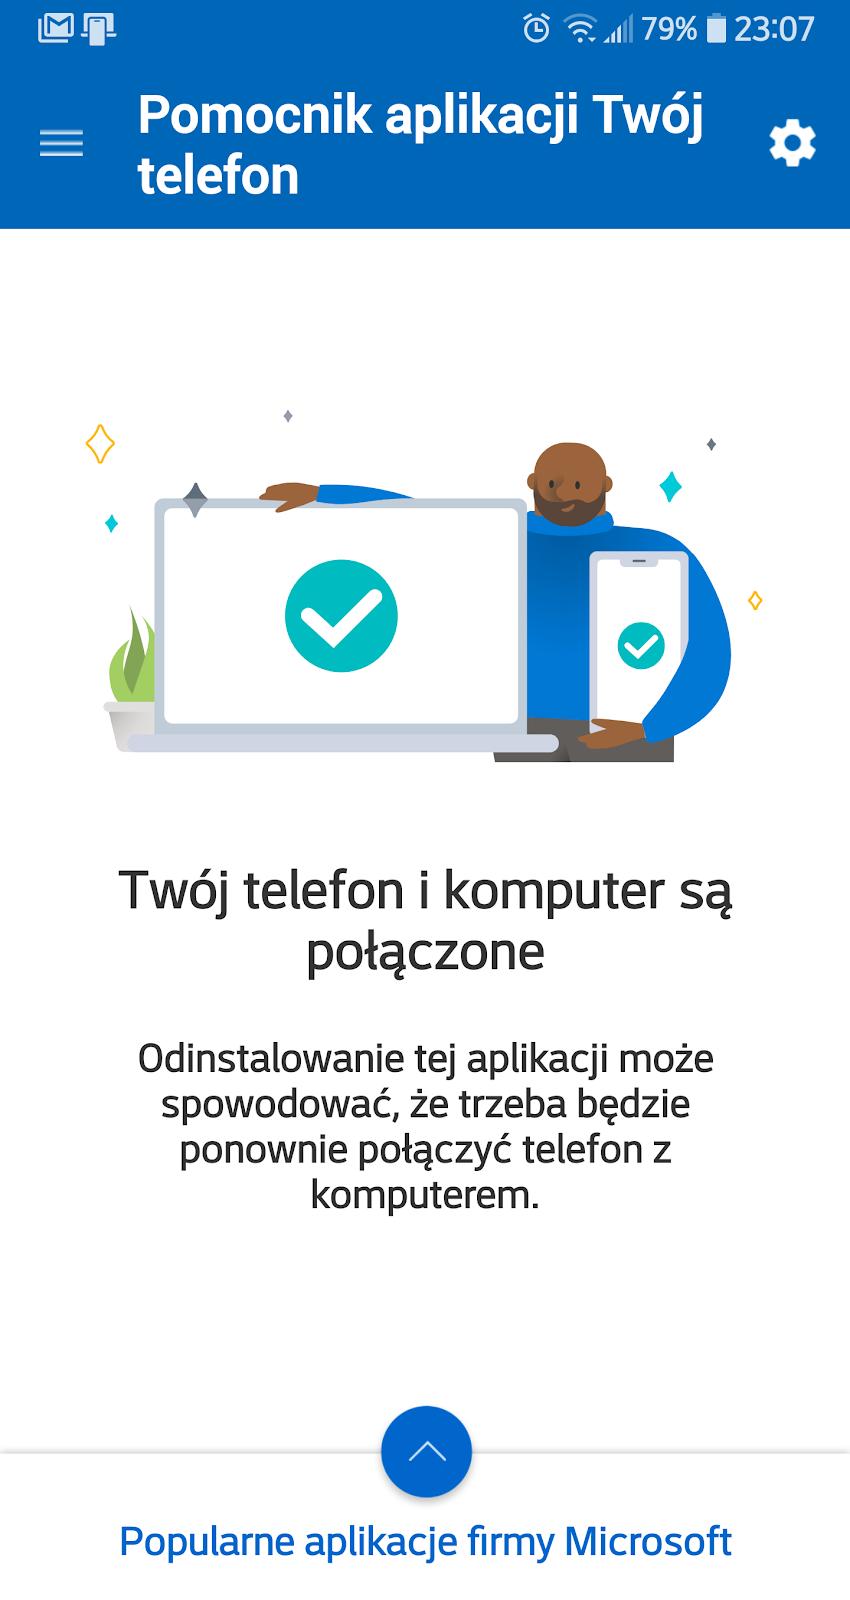 pomocnik aplikacji Twój telefon